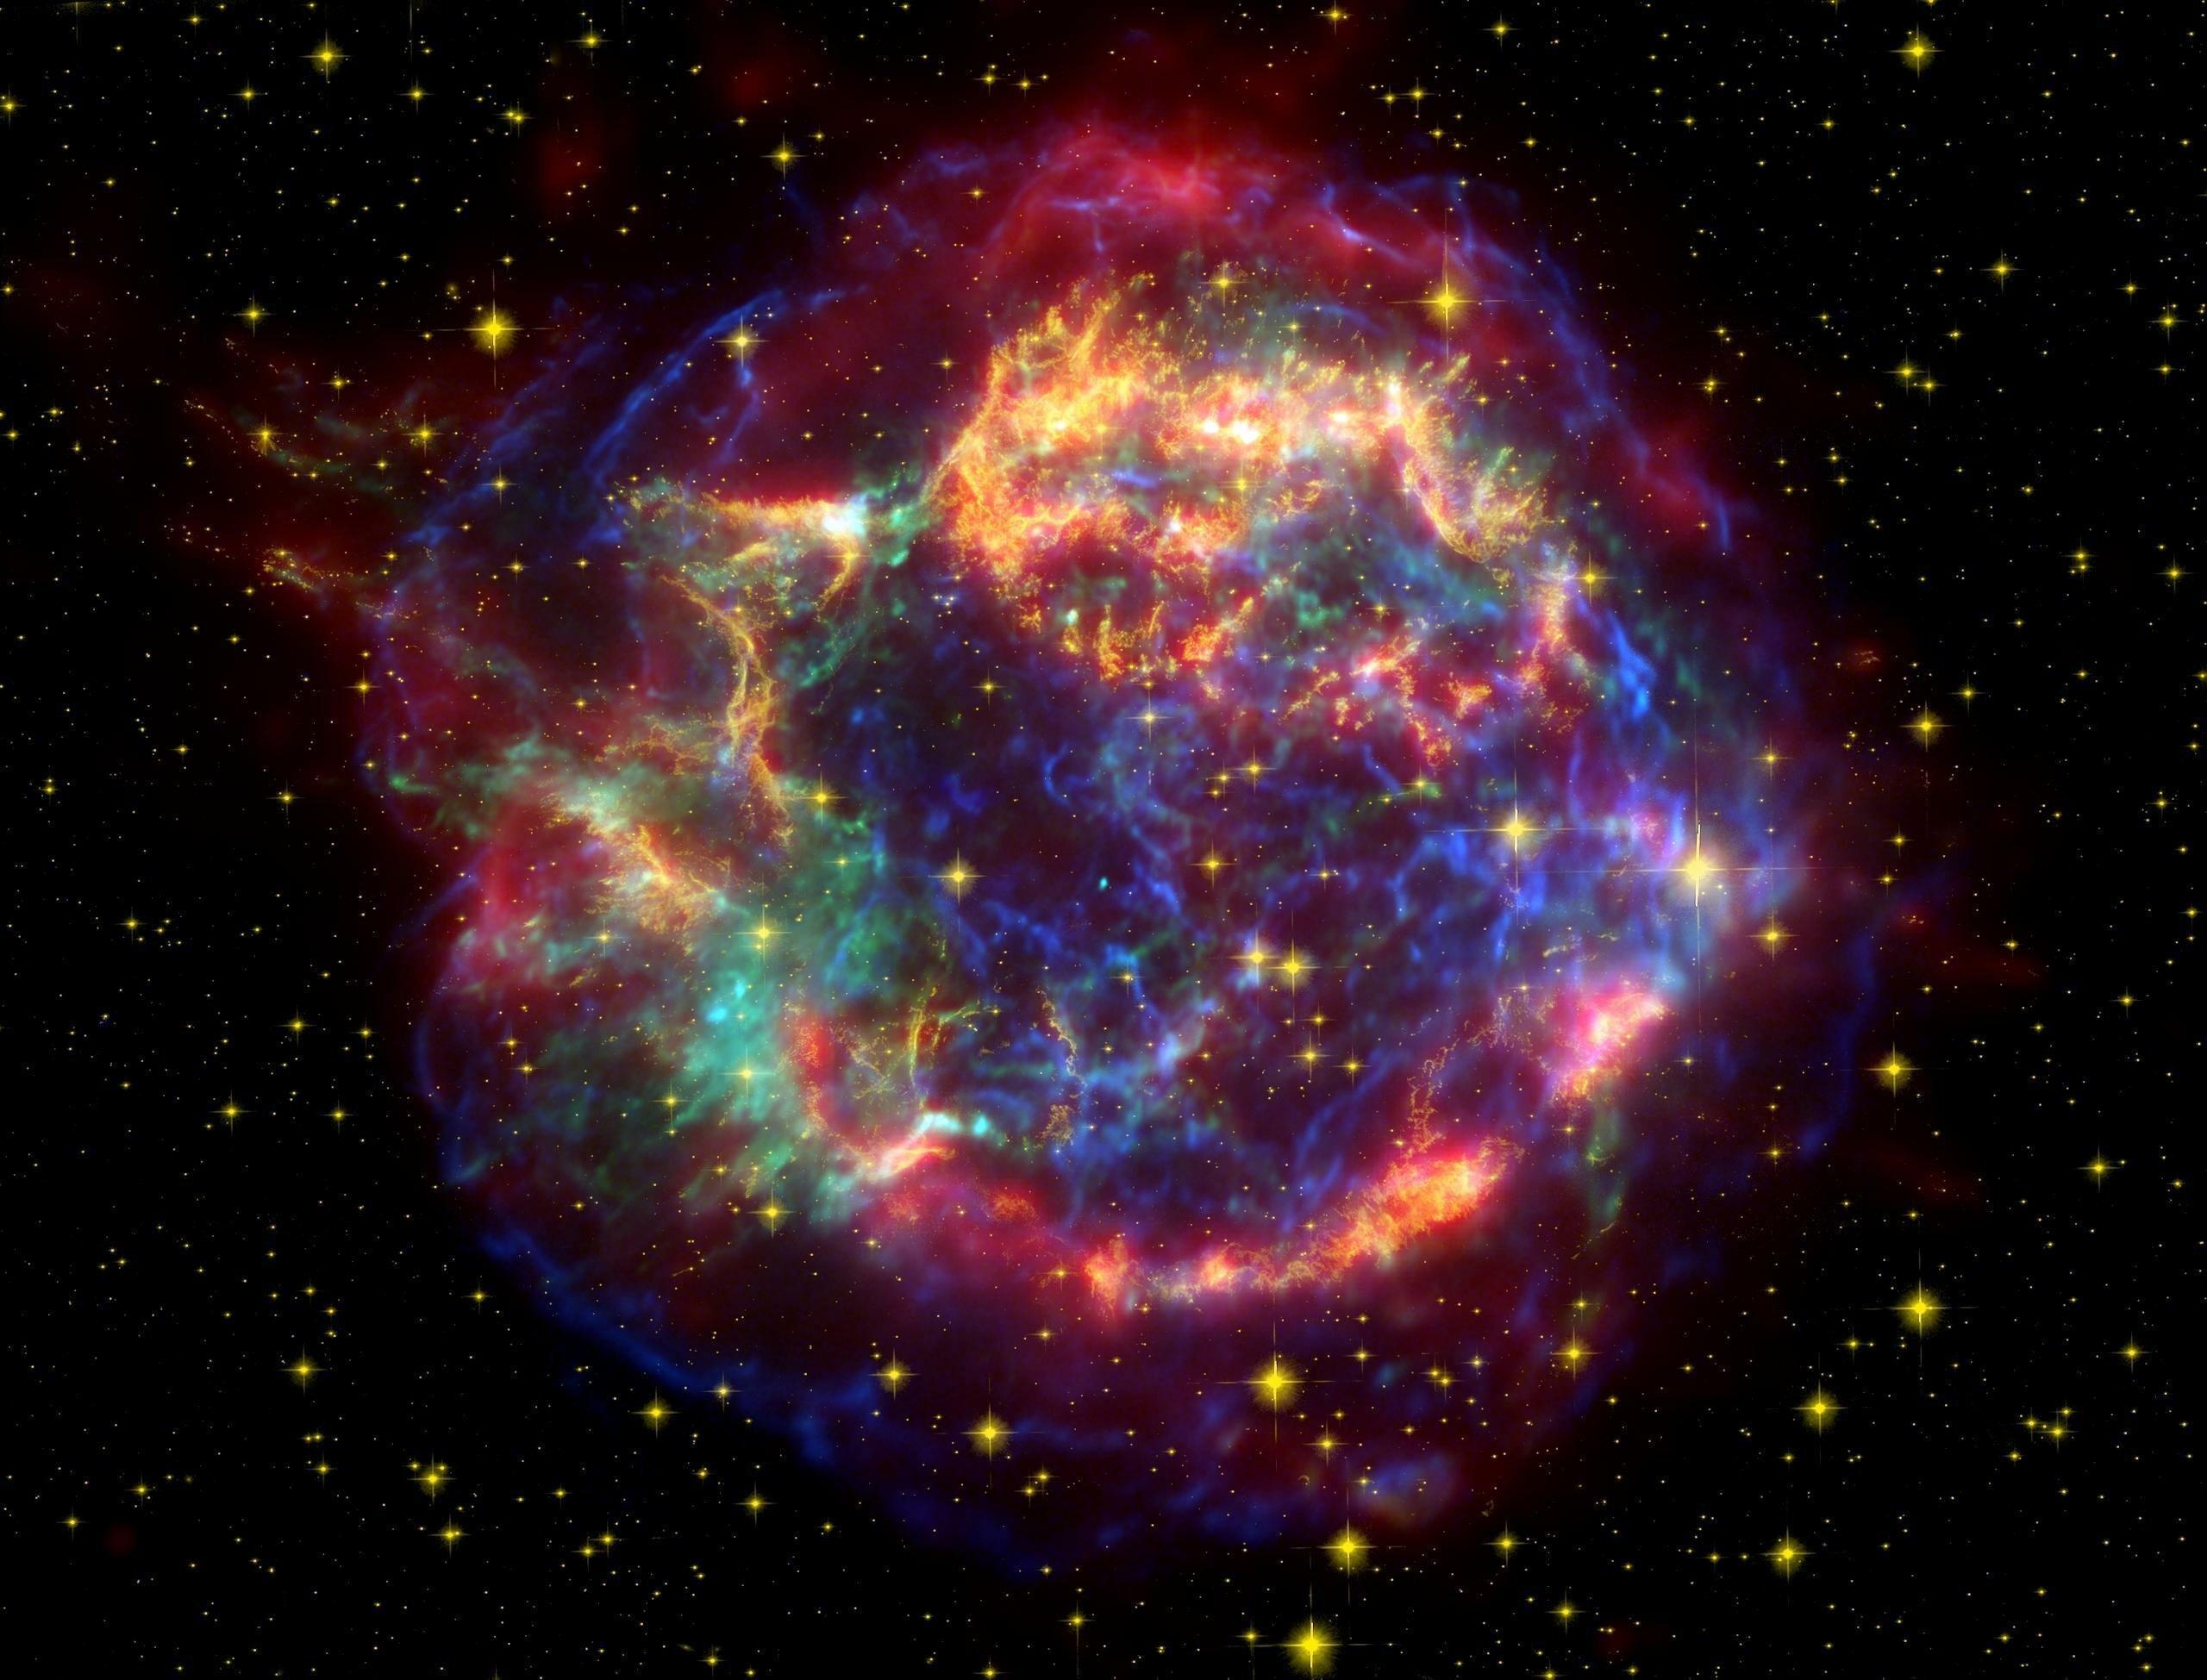 Eine kugelförmige, bunt eingefärbte Gaswolke